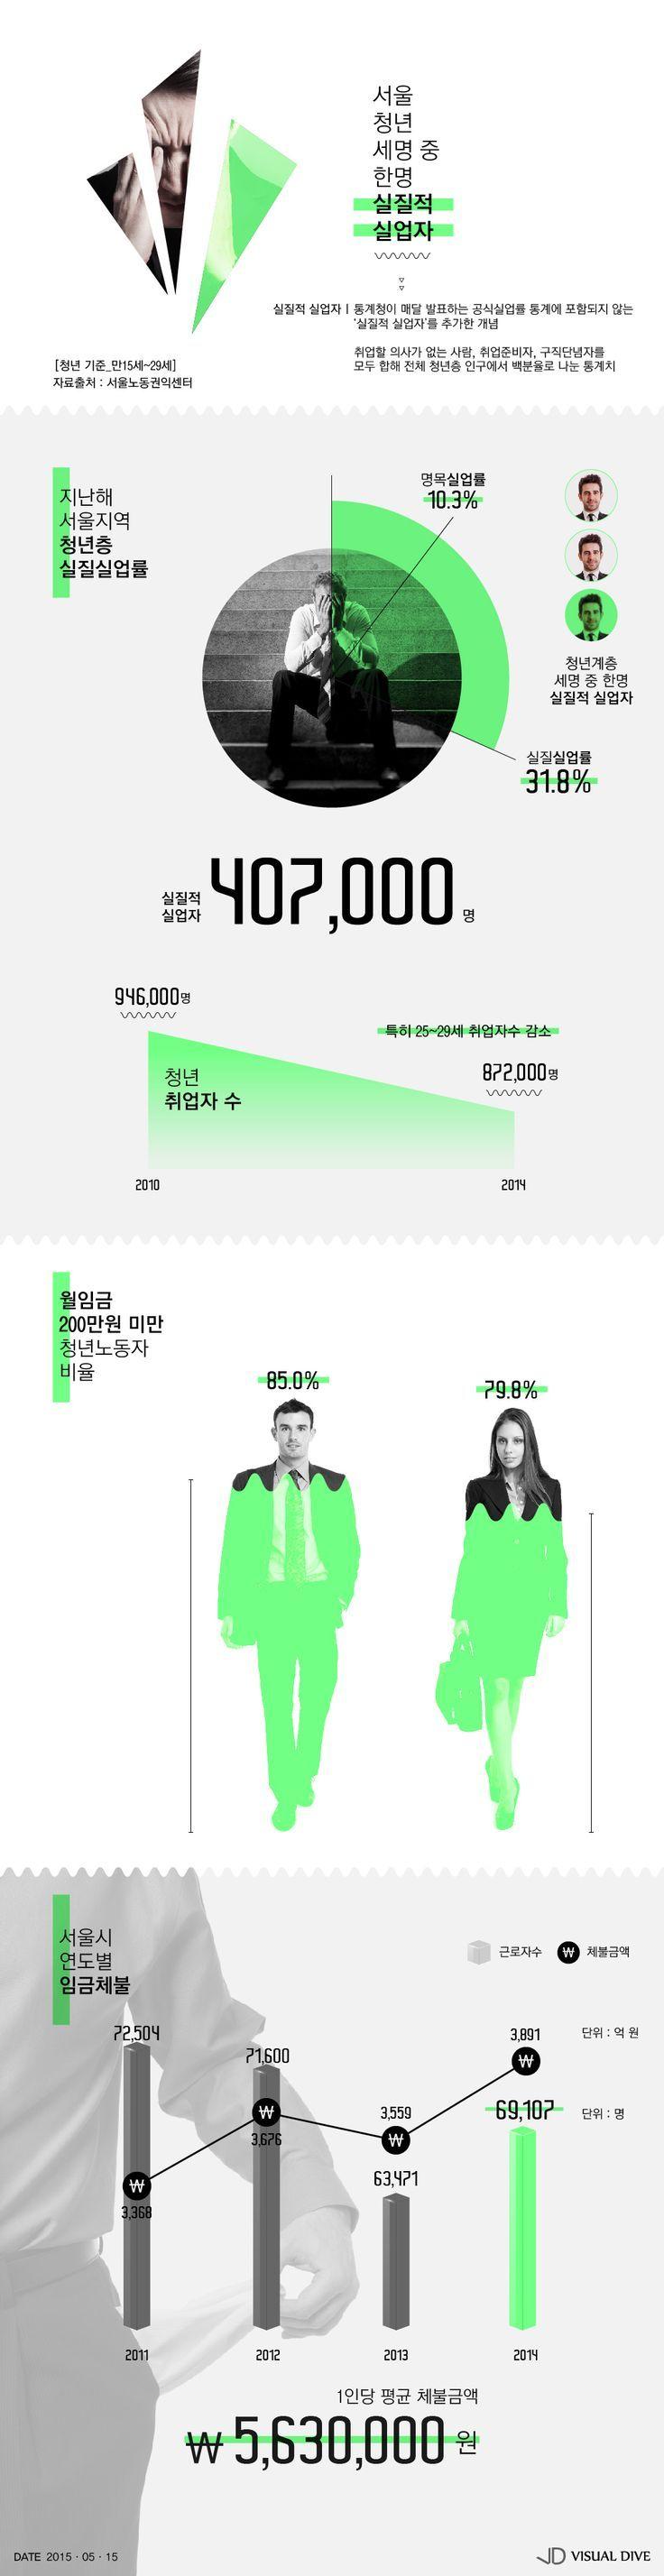 서울 청년 '실질적 실업자' 3명 중 1명꼴 [인포그래픽] #unemployed / #Infographic ⓒ 비주얼다이브 무단 복사·전재·재배포 금지 #ad